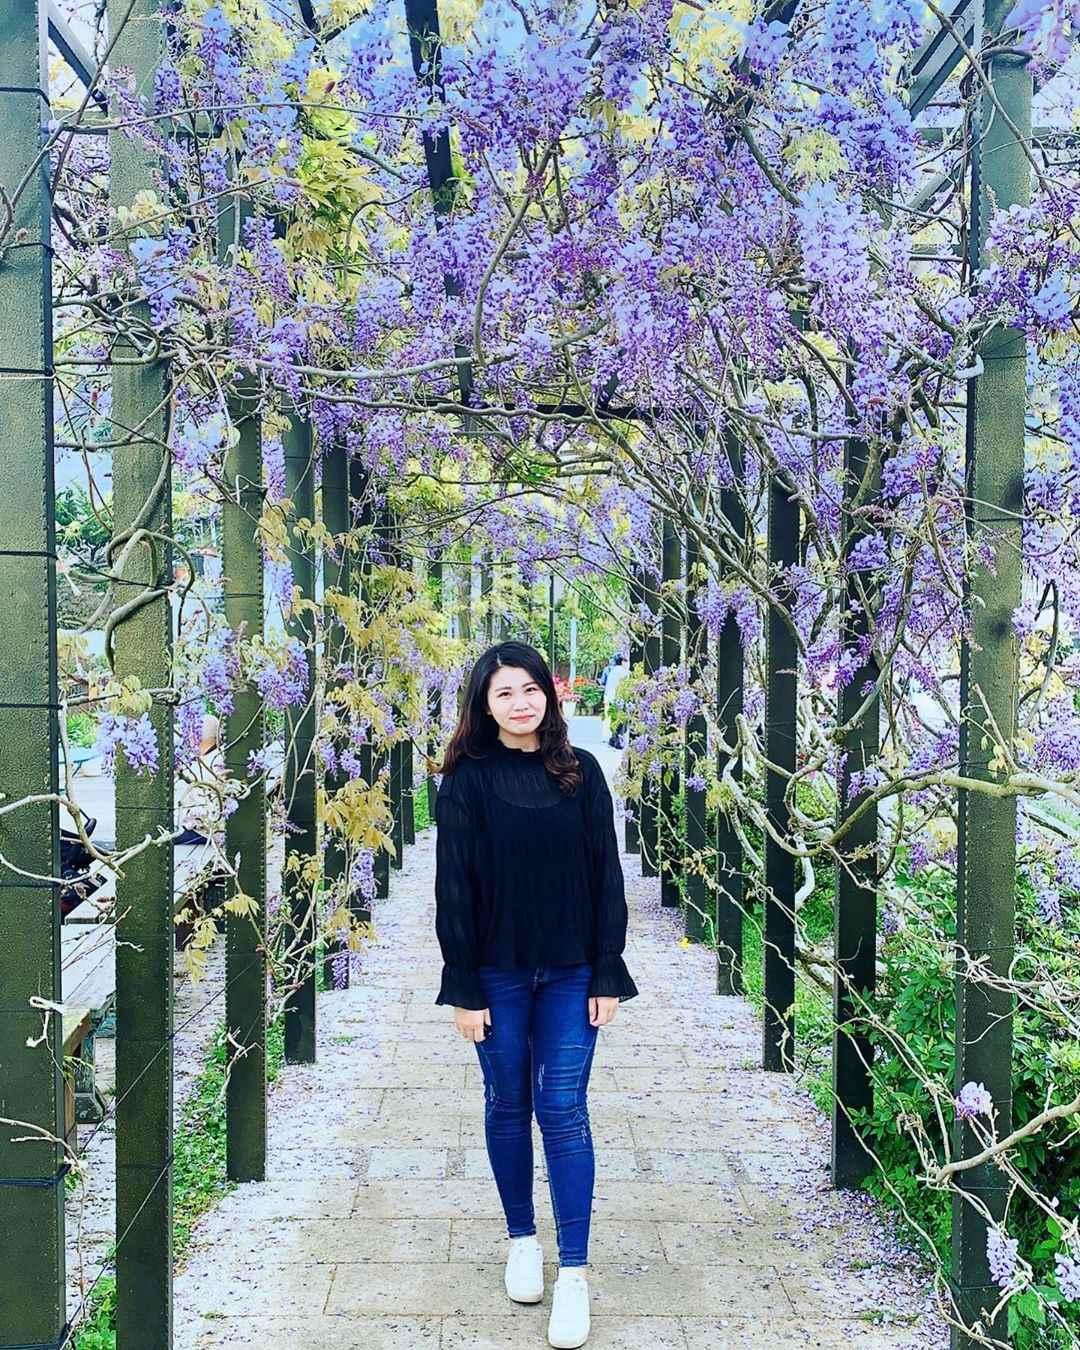 阿里山瑞里紫藤花